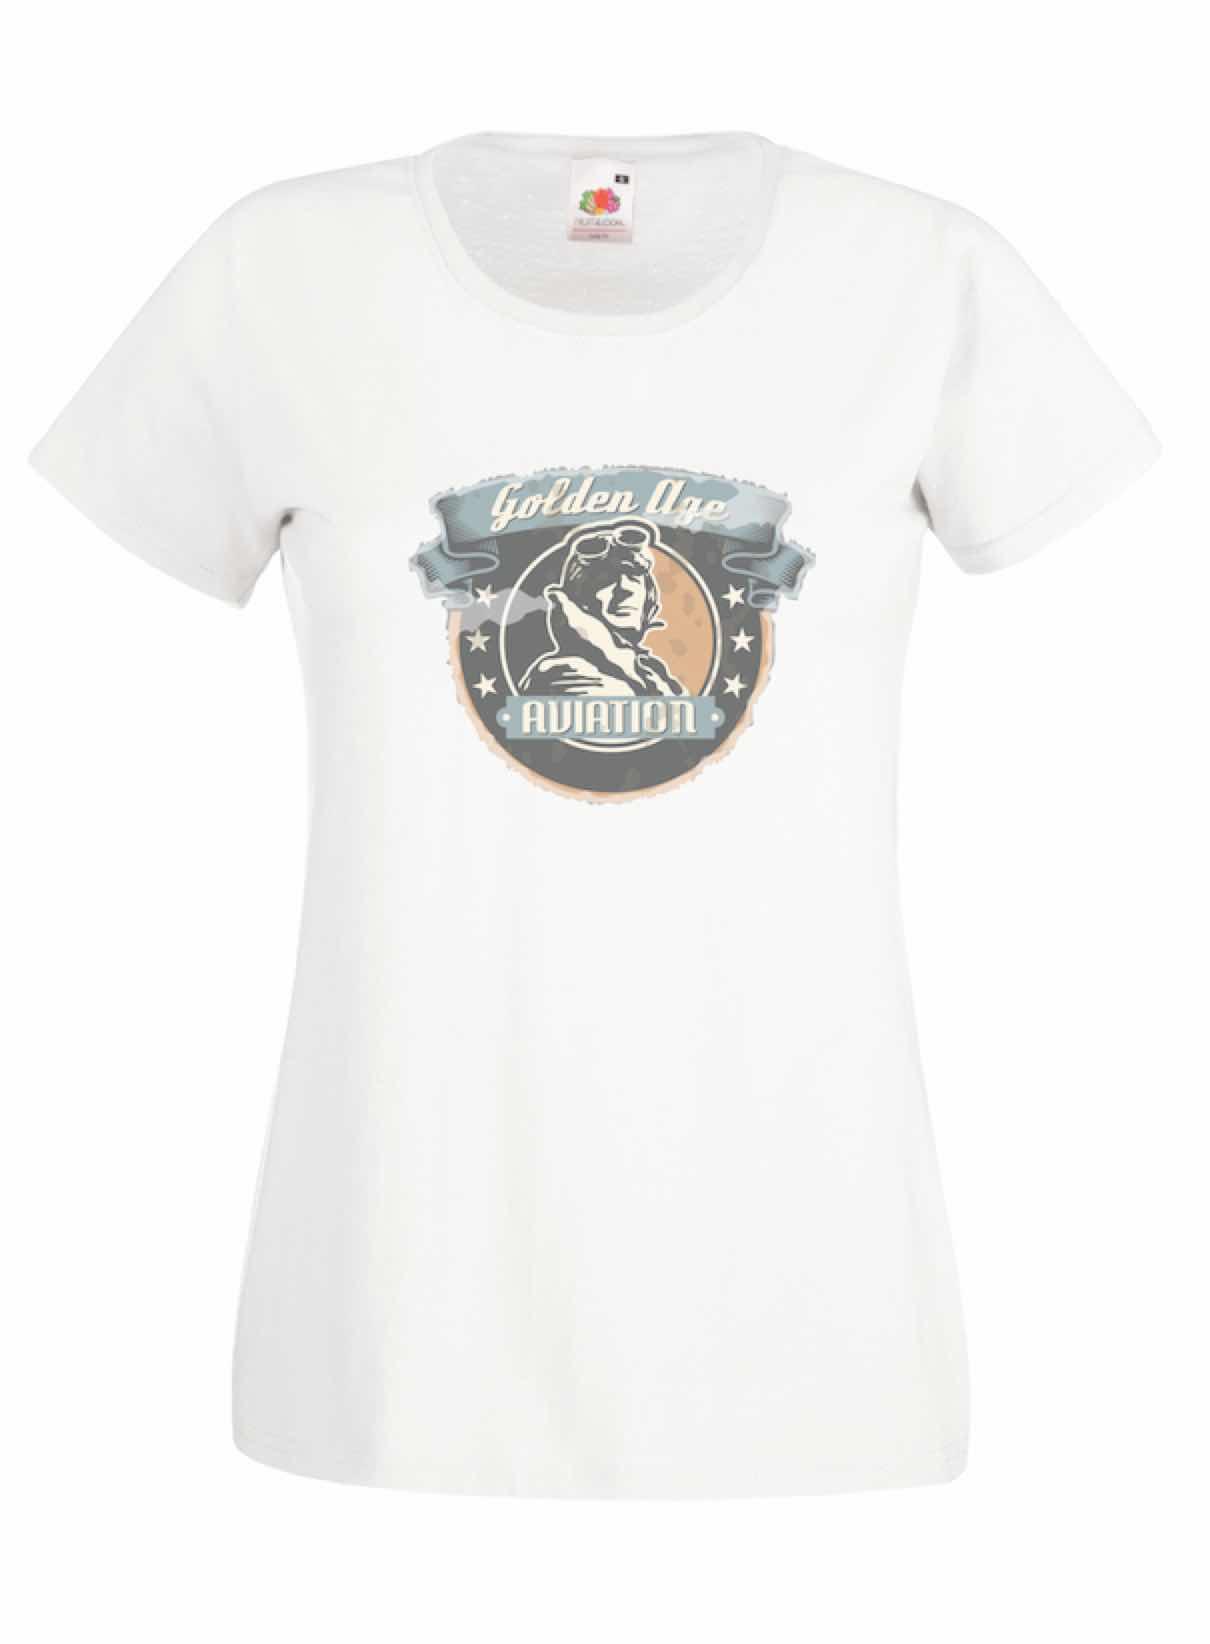 Golden Age design for t-shirt, hoodie & sweatshirt